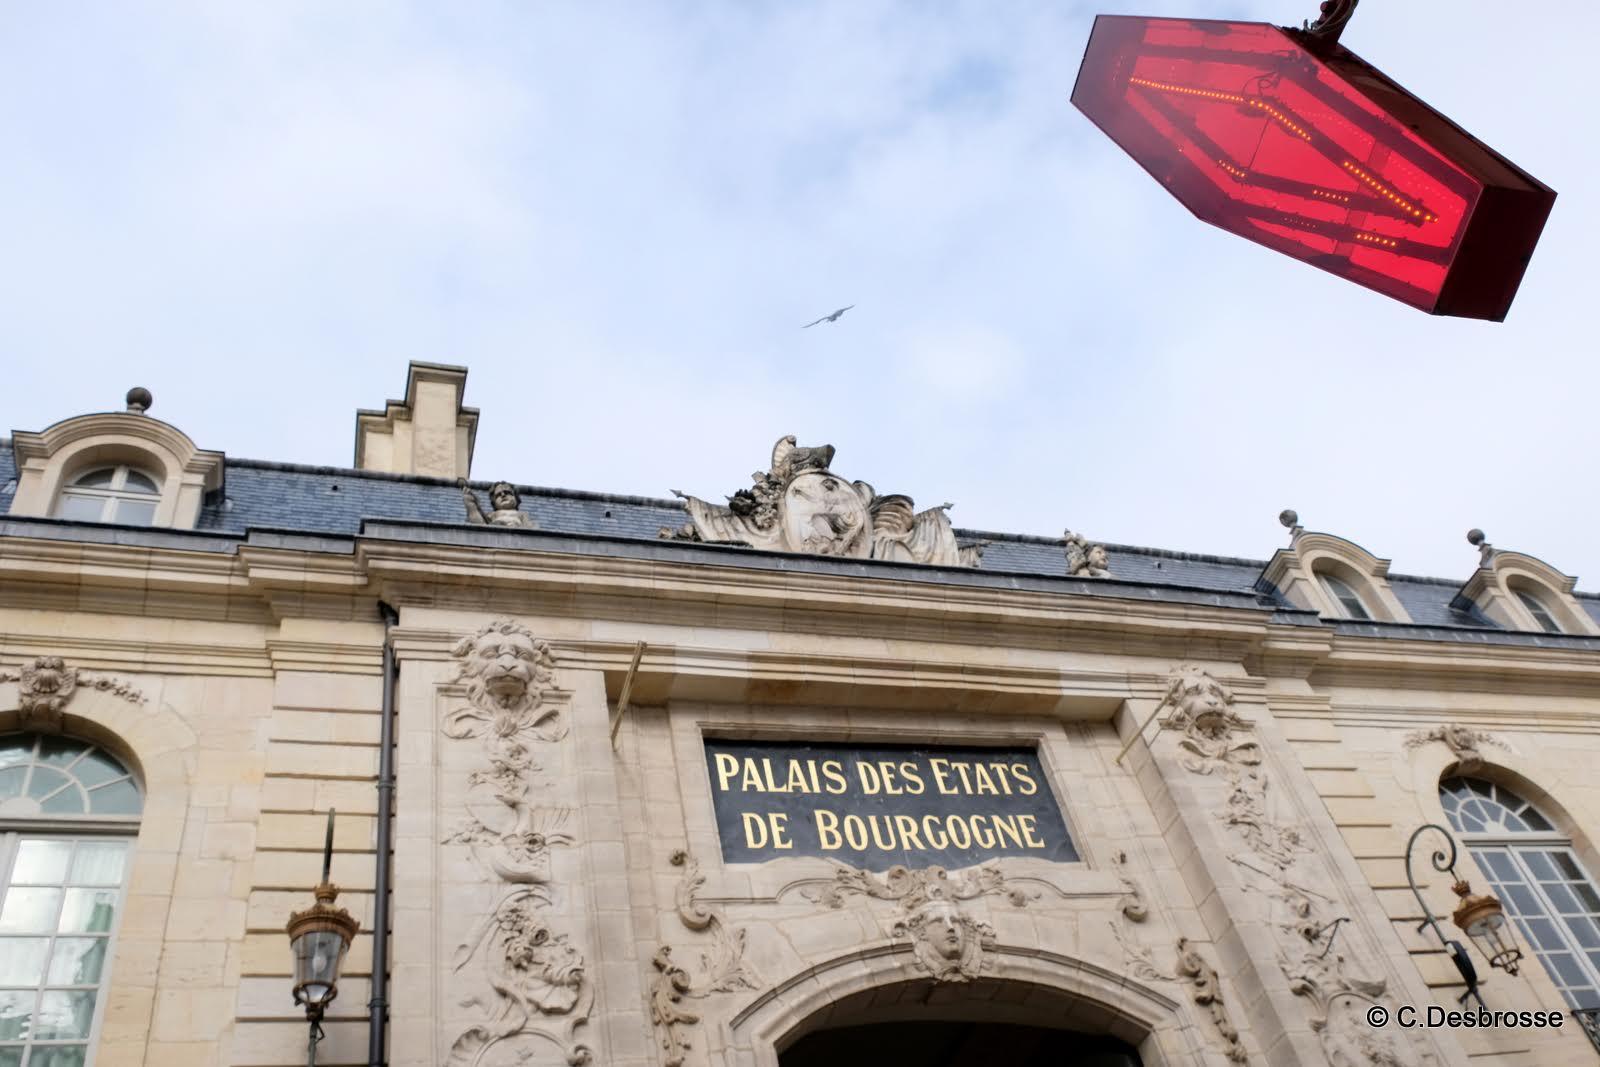 À Dijon, le palais des États de Bourgogne